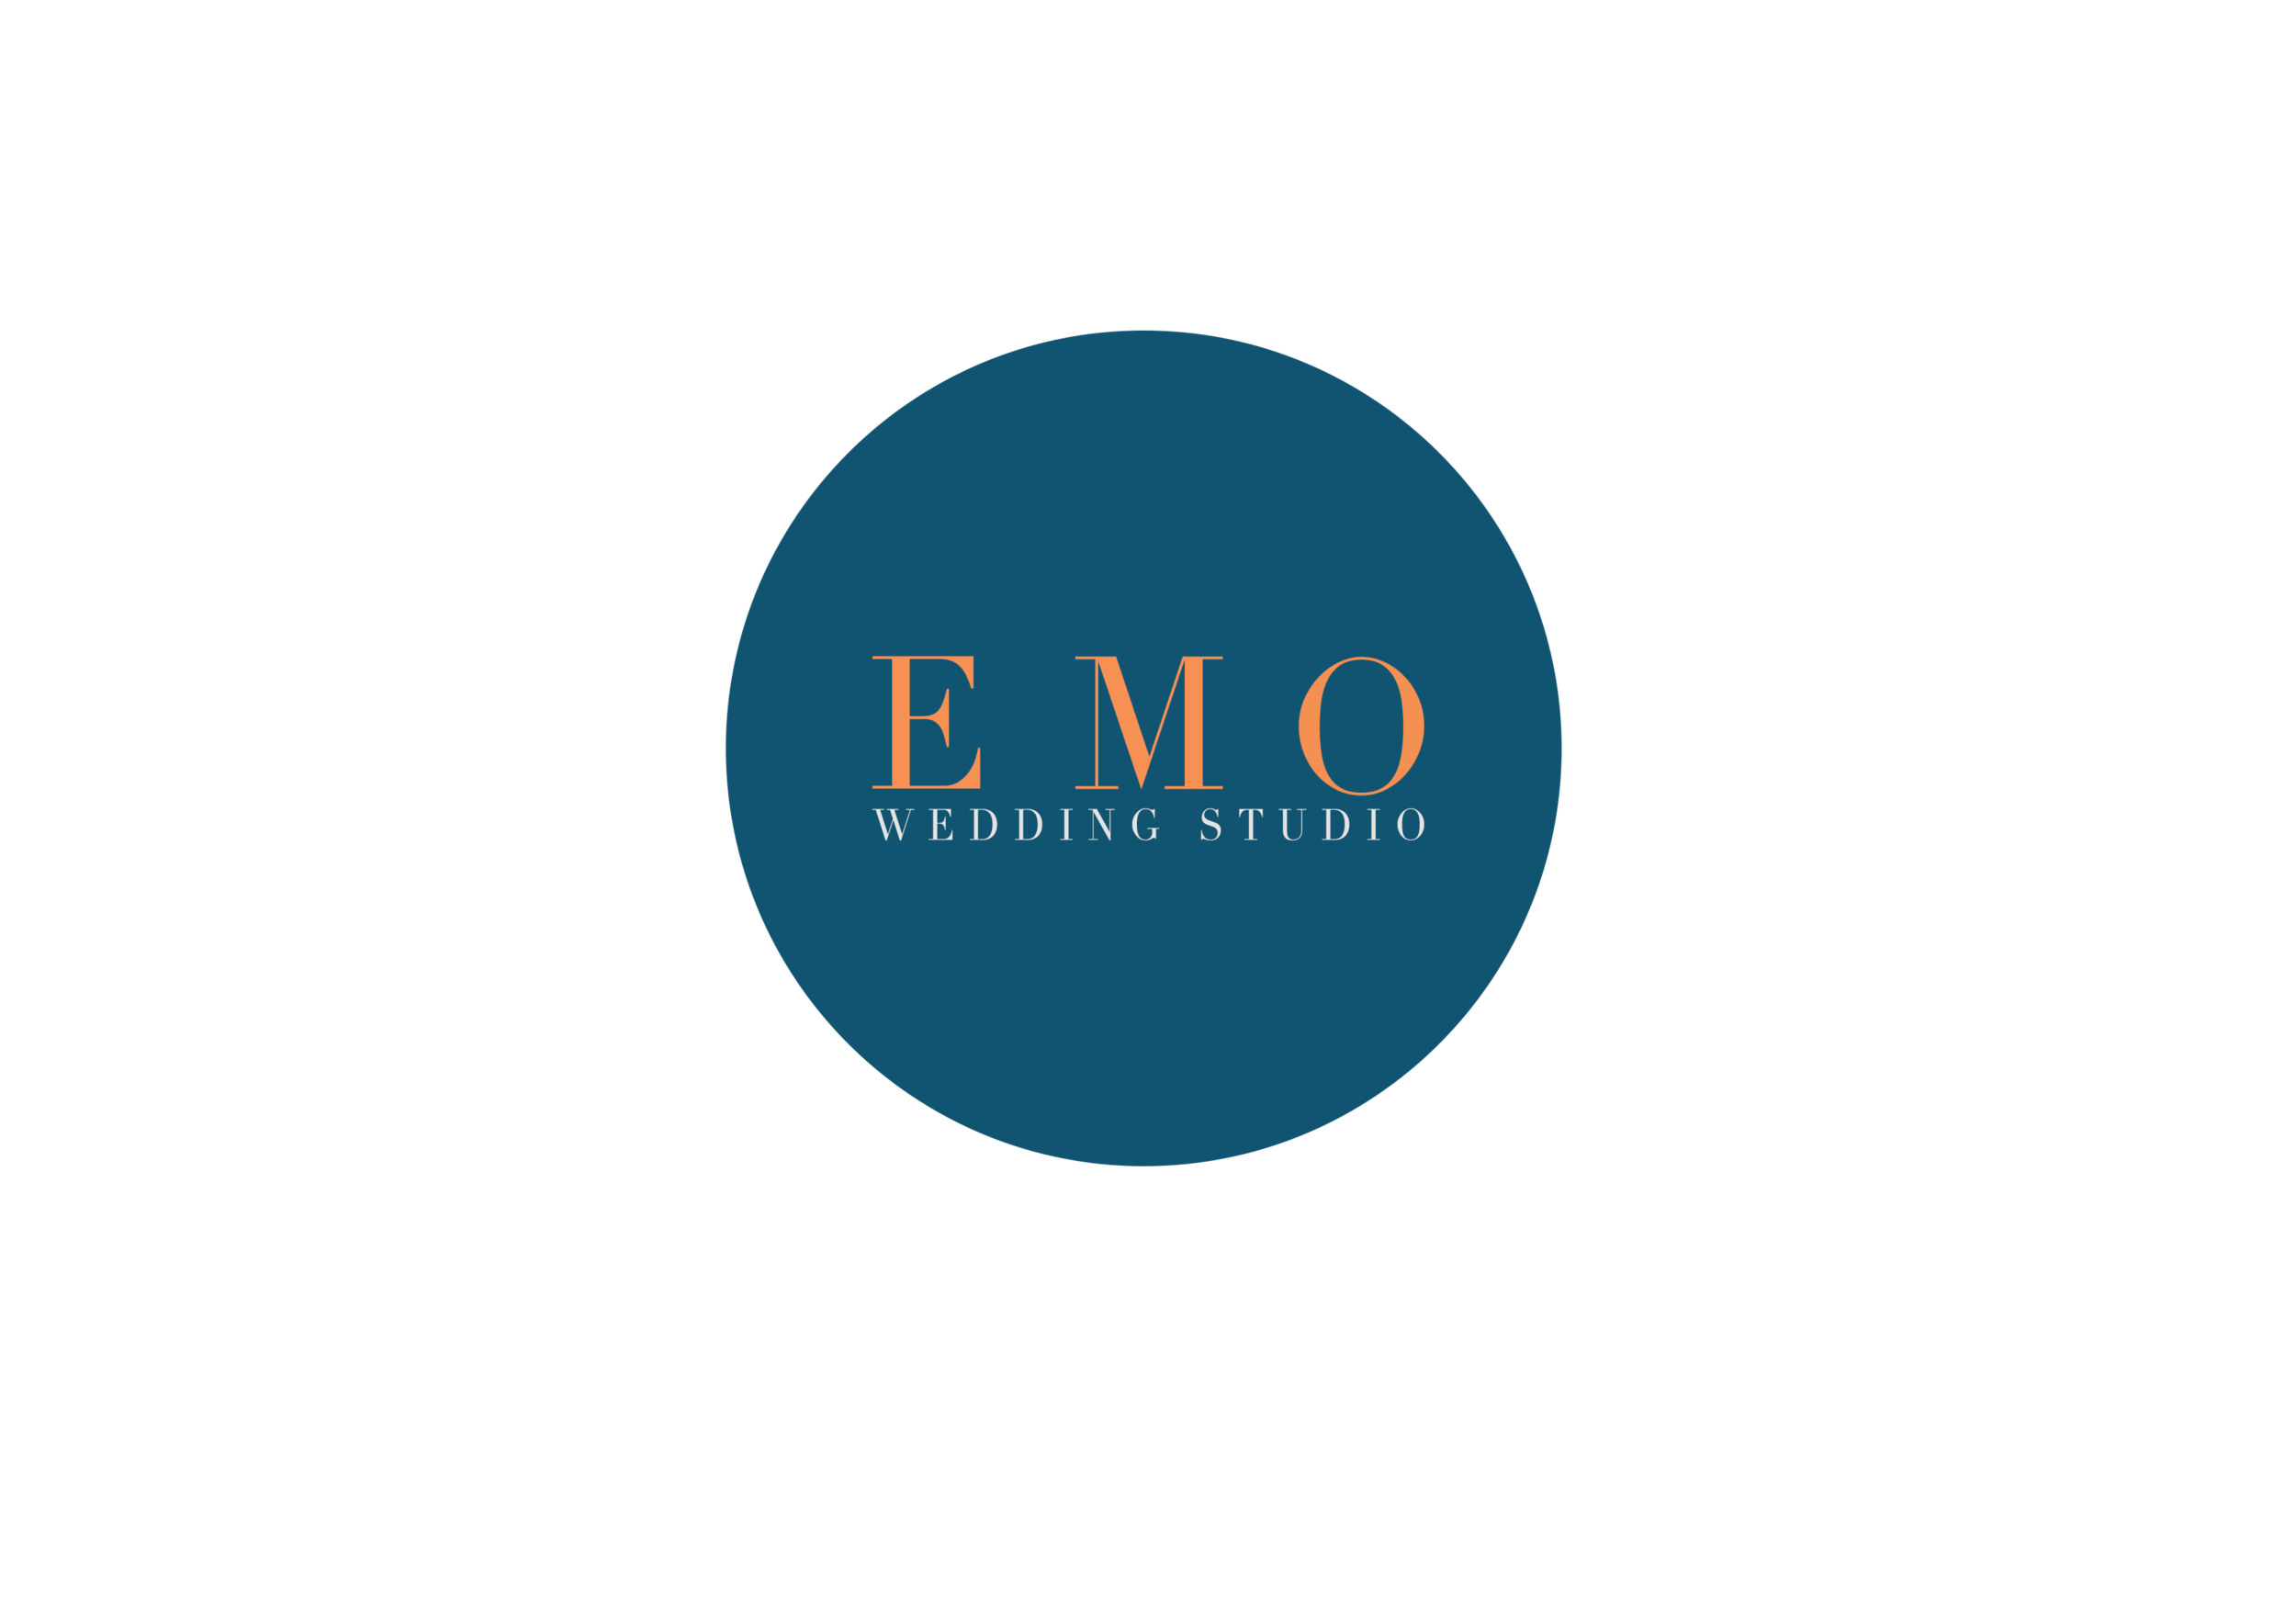 LOGO EMO 2019 UPWEB.png